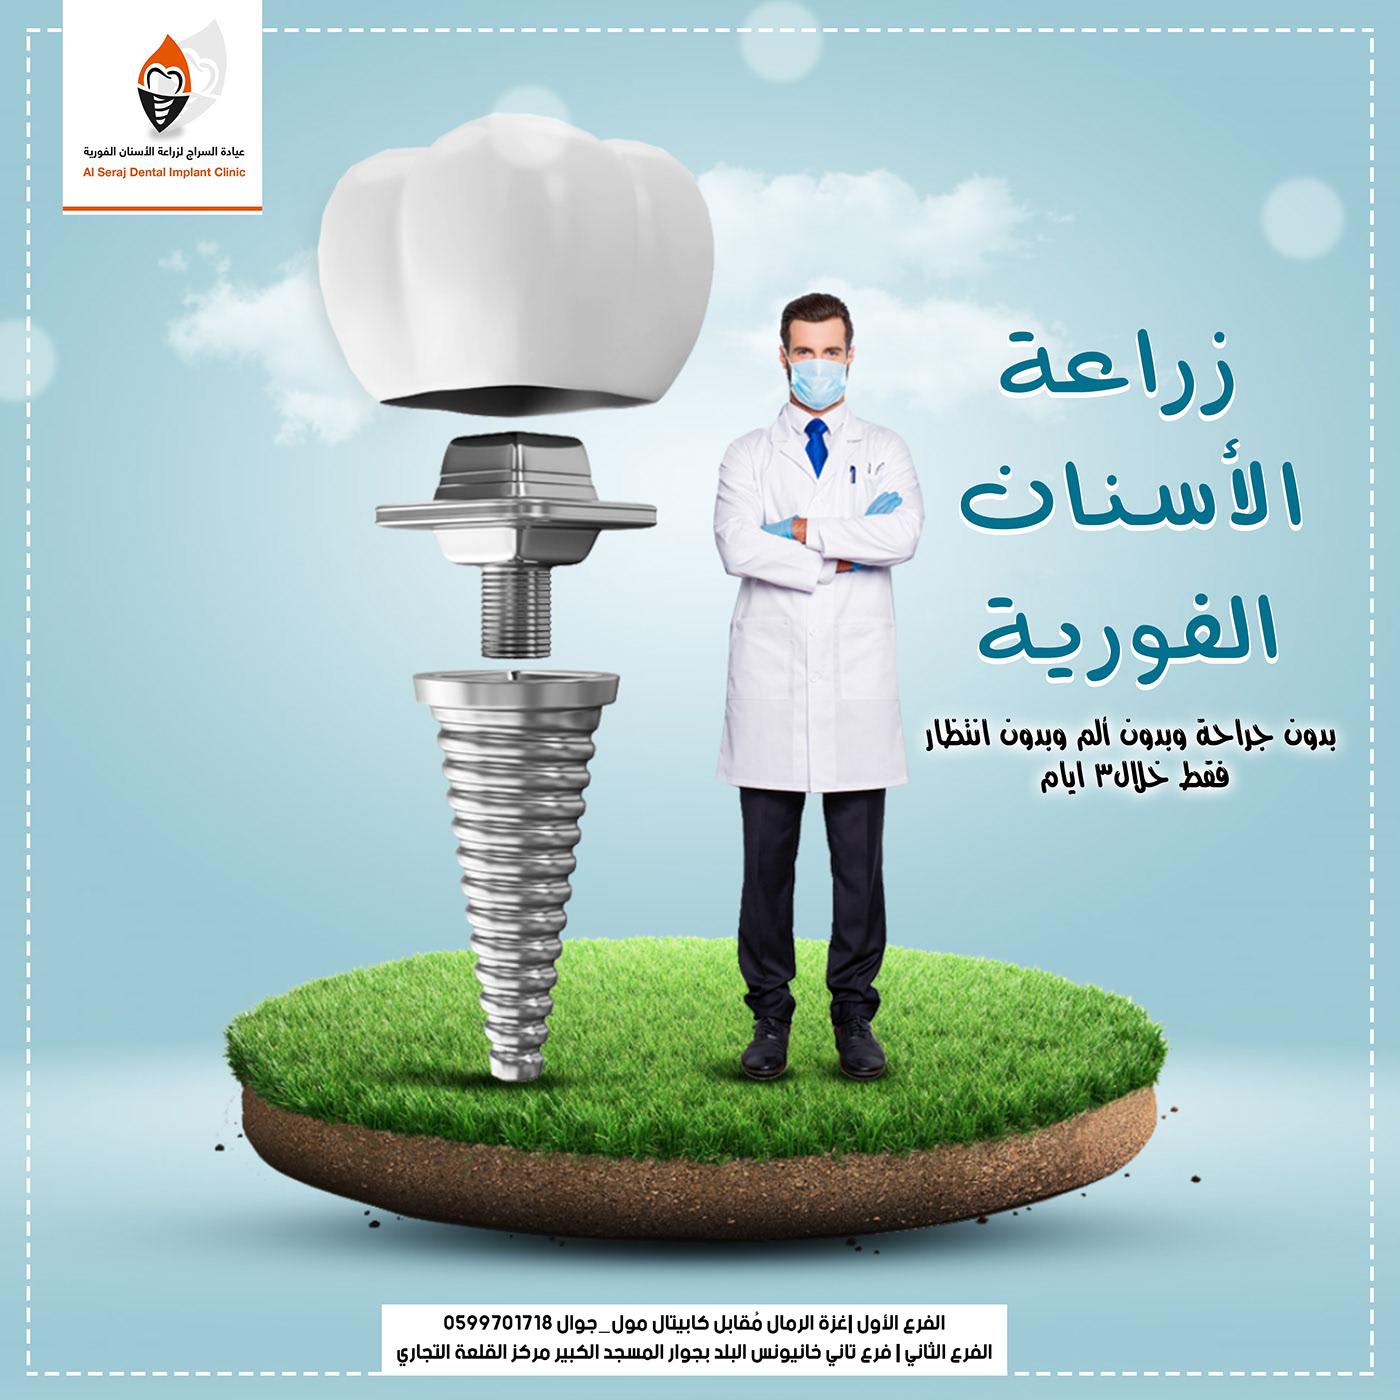 افكار اعلانات طبيب اسنان سوشيال ميديا 2 تصاميم سوشيال ميديا   طبيب اسنان